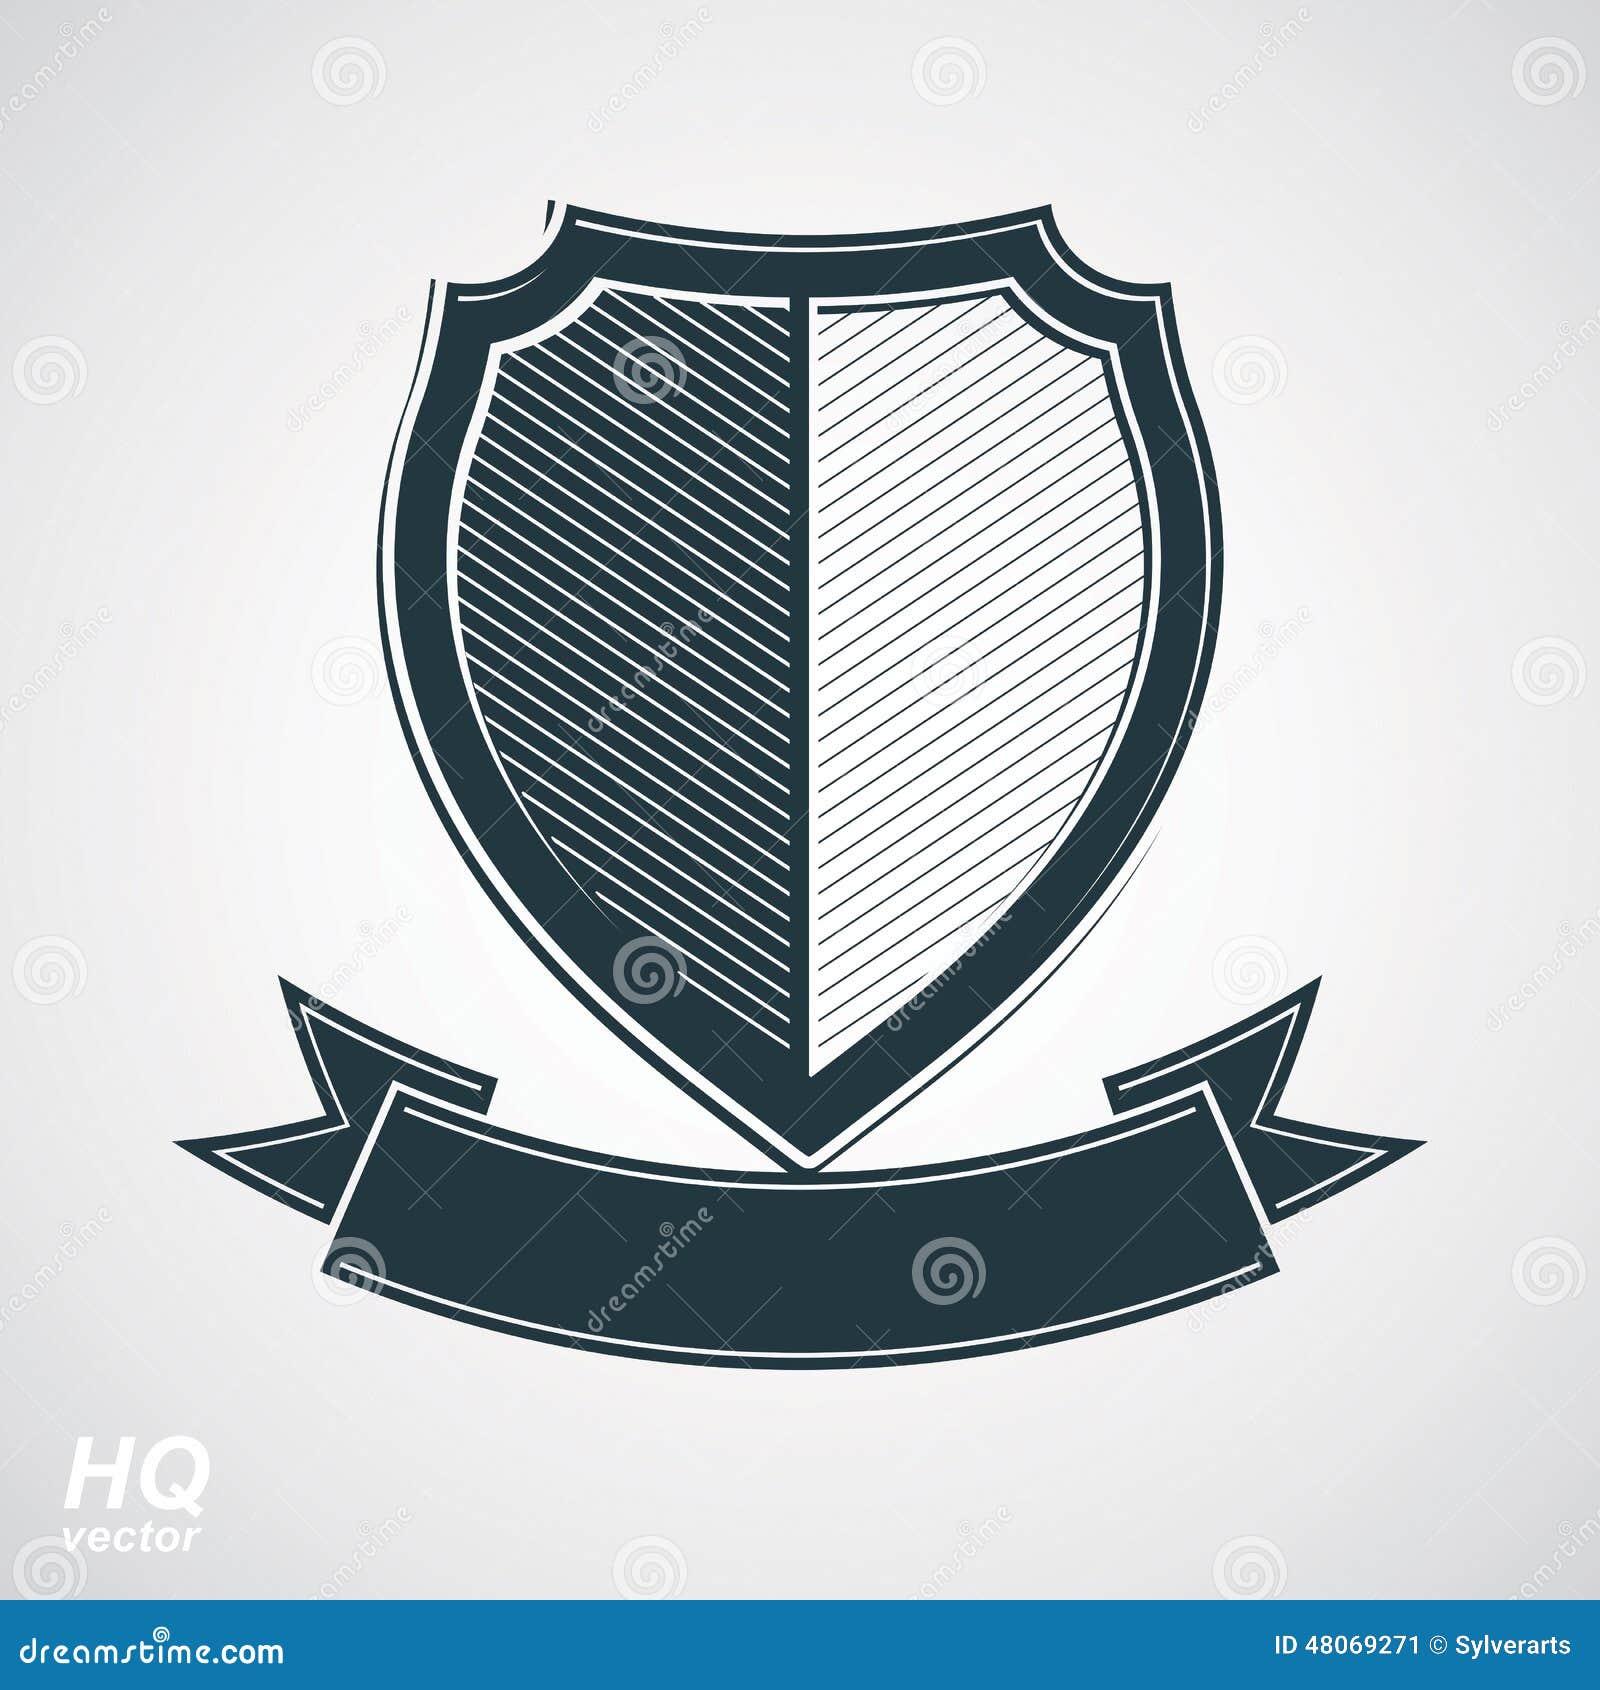 Militär spricht Ikone zu Vektor Grayscale-Verteidigungsschild mit curvy